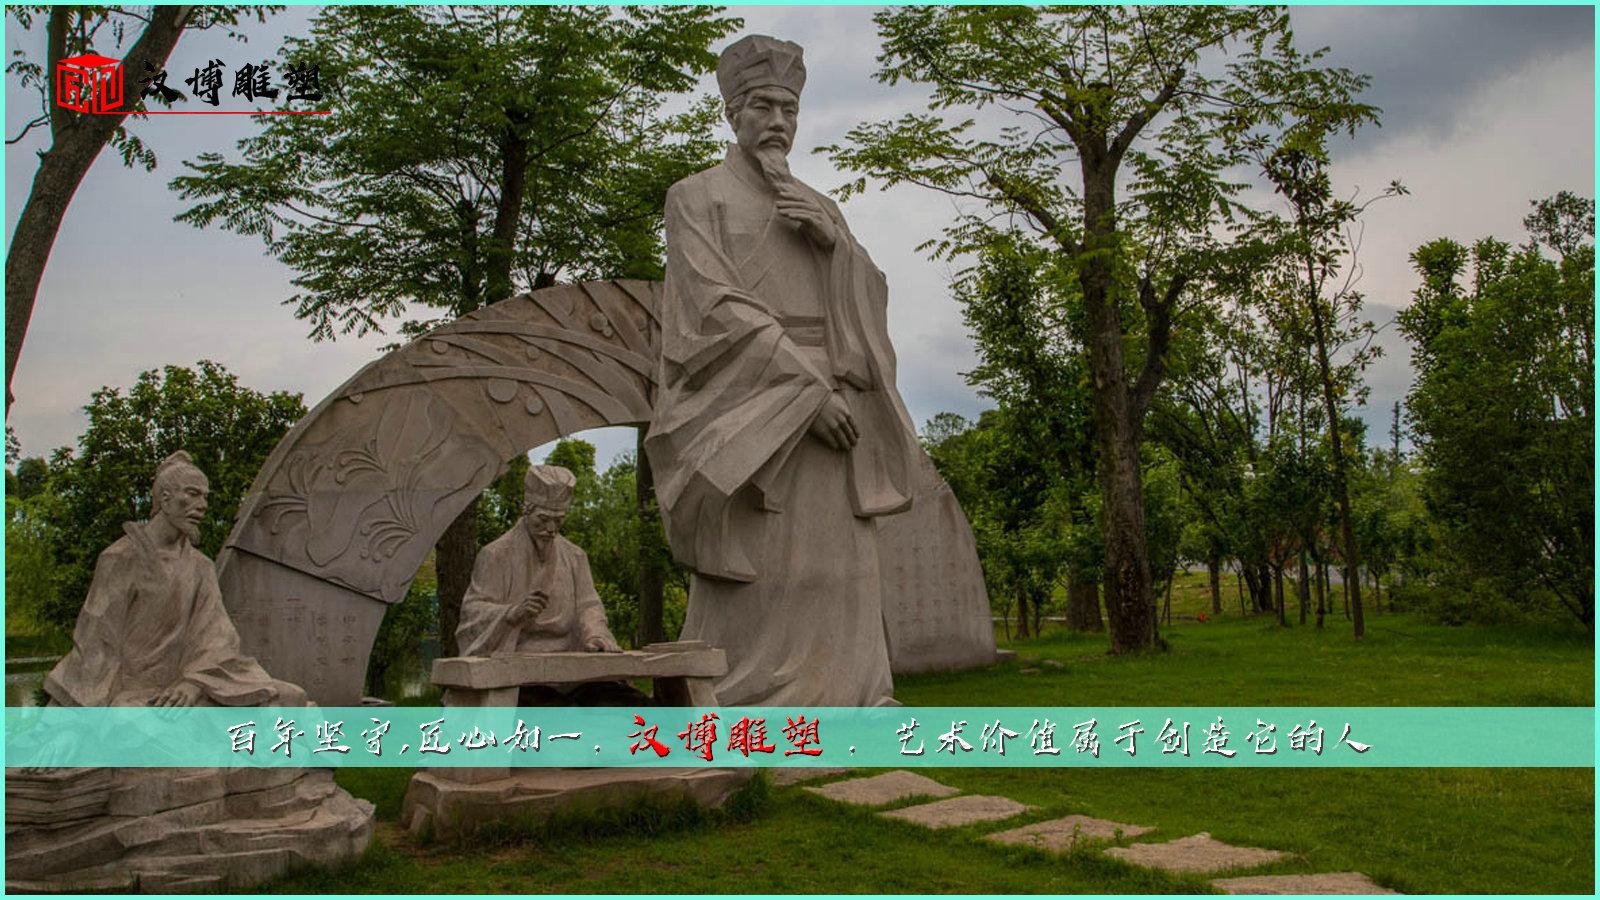 大型人物雕塑制作;在名师笔下寻找山水魅力